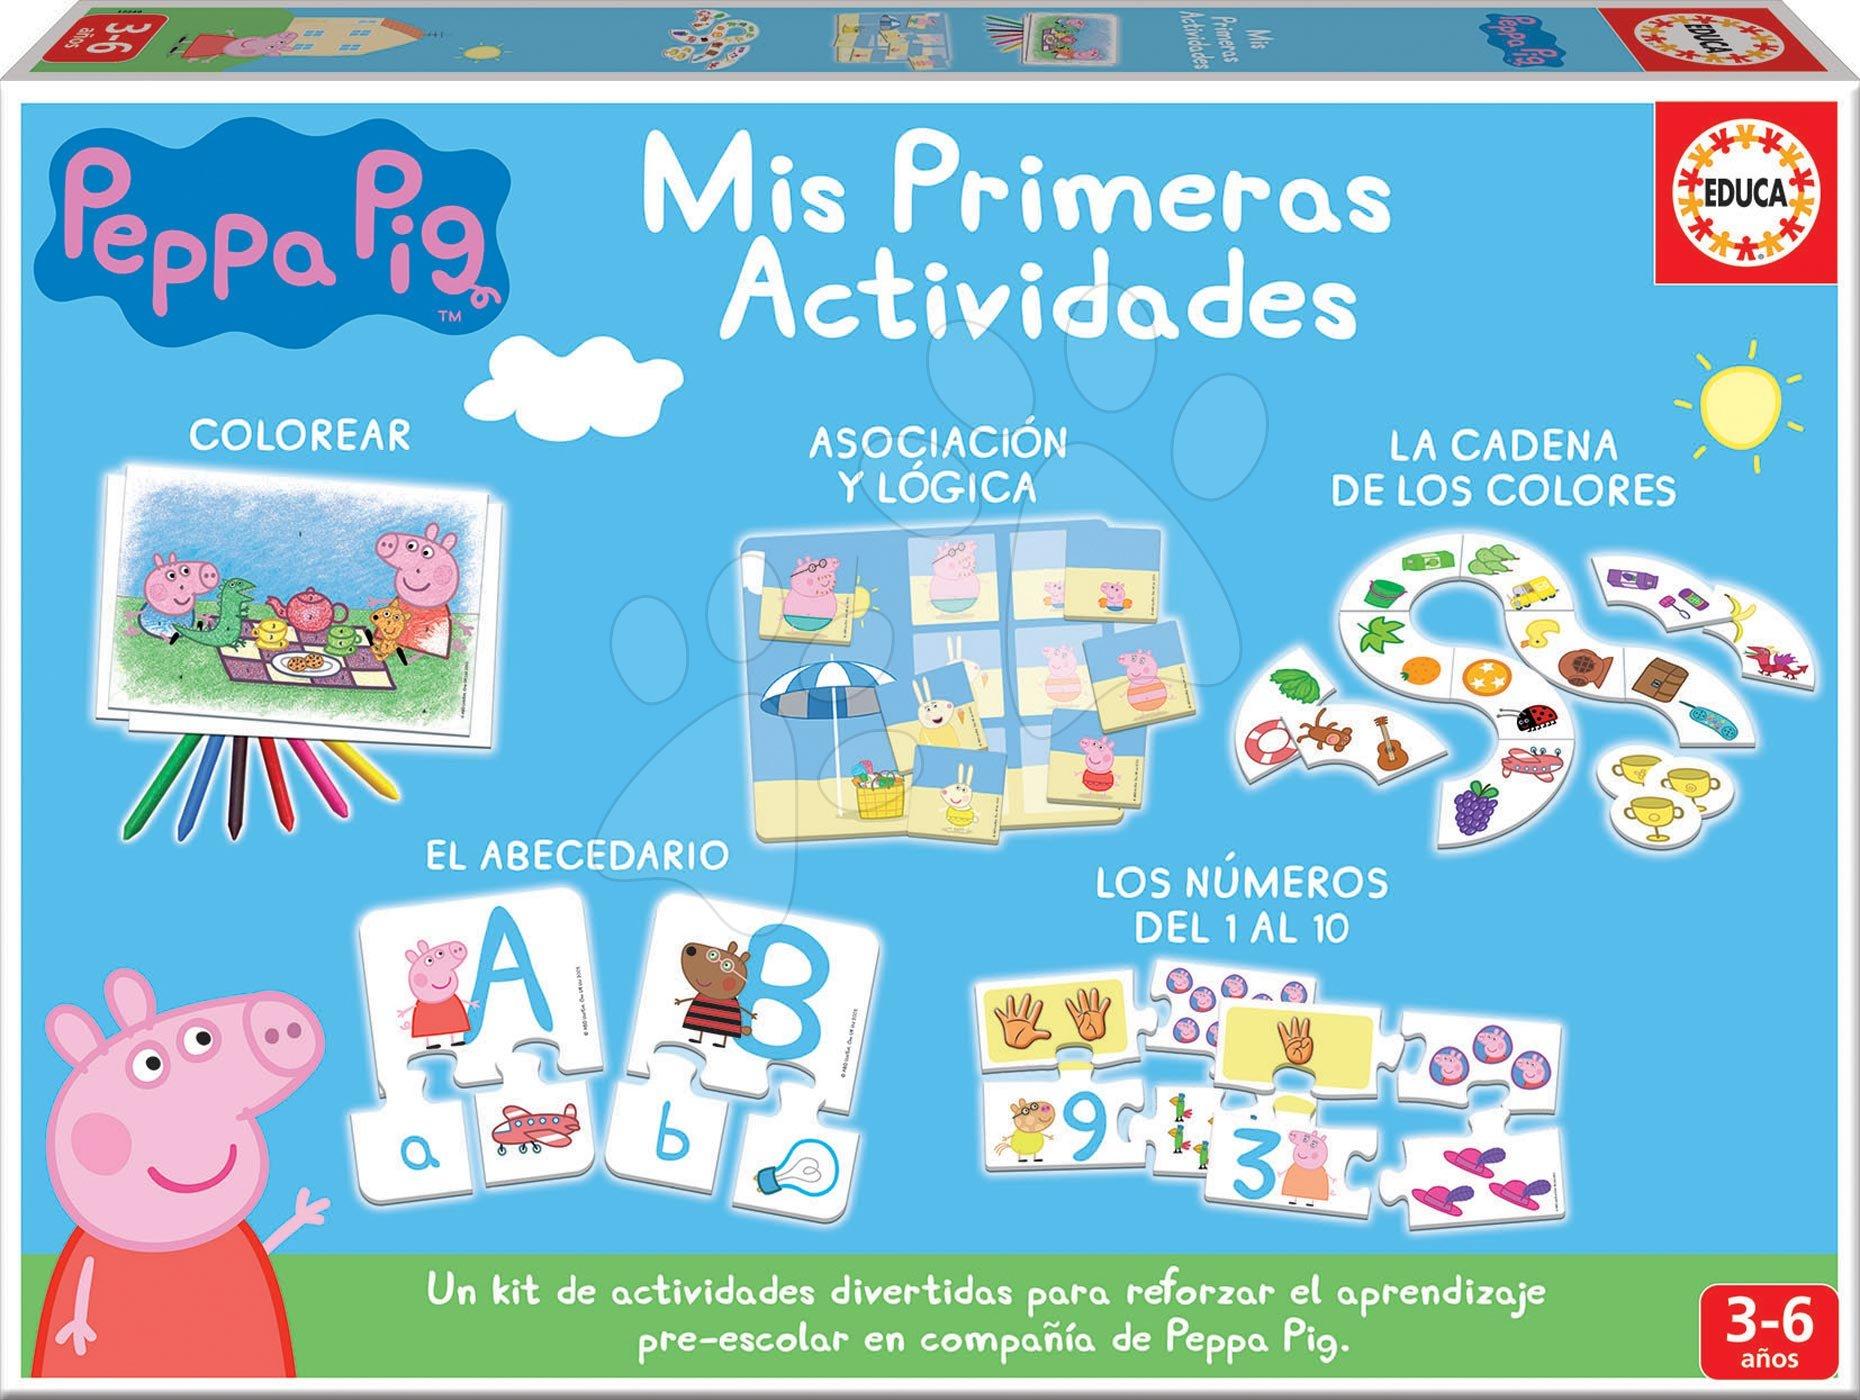 Náučné hry pre najmenších Peppa Pig Educa 5 rôznych náučných aktivít od 3-6 rokov